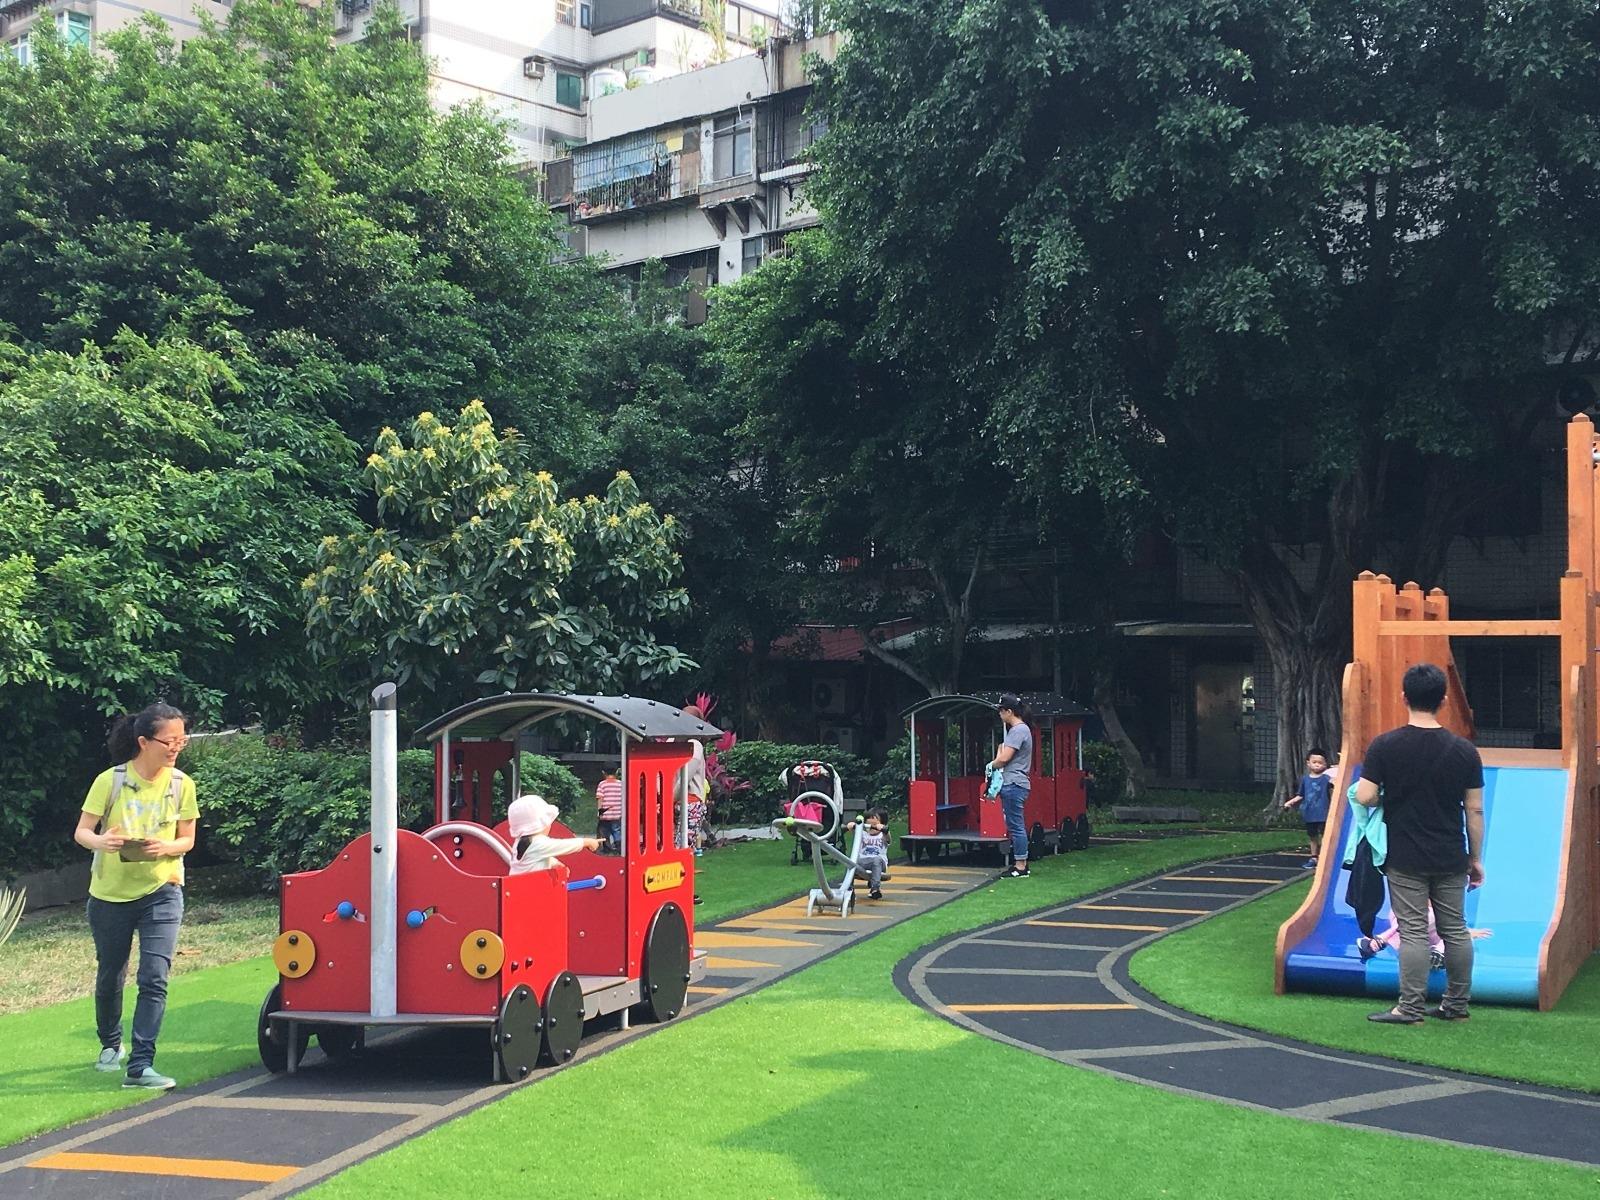 北投多個公園採用特色共融式遊具,圖為長安公園在地的北投車站復舊歸鄉計畫,打造小型版的車站遊戲場。圖/台北市工務局公園路燈工程管理處提供